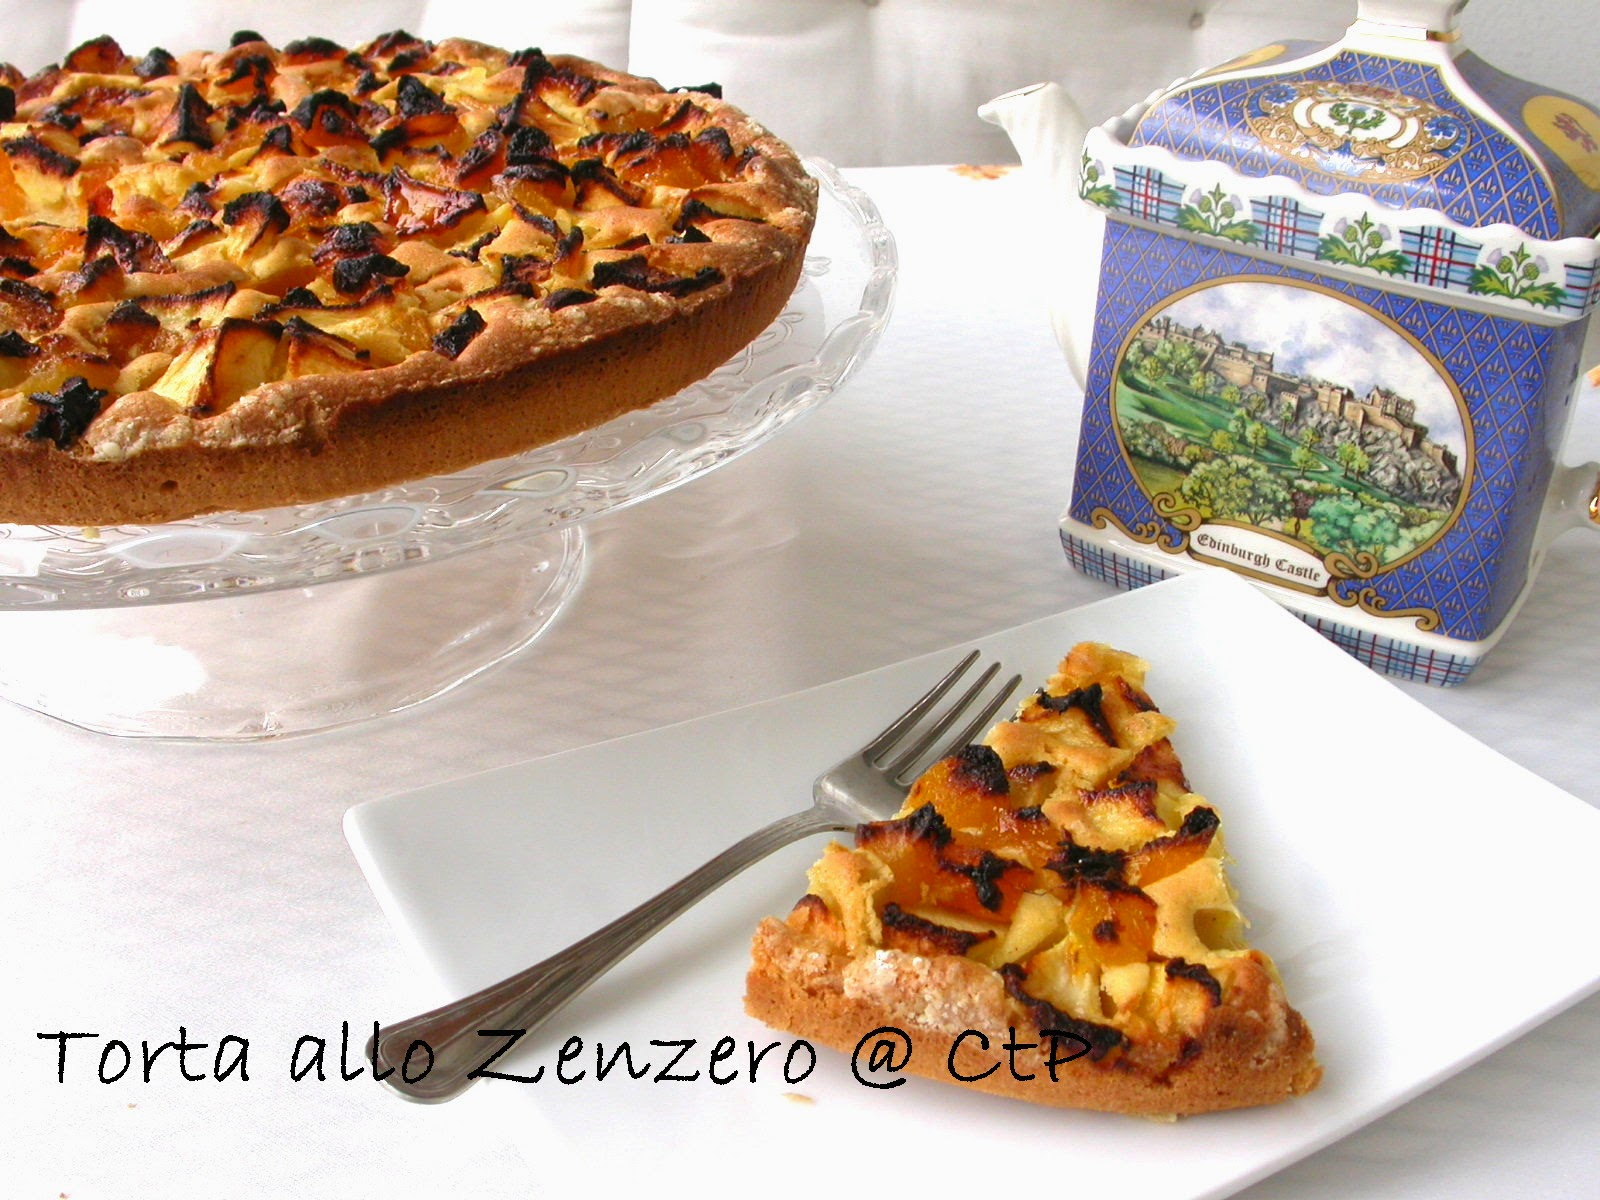 torta allo zenzero